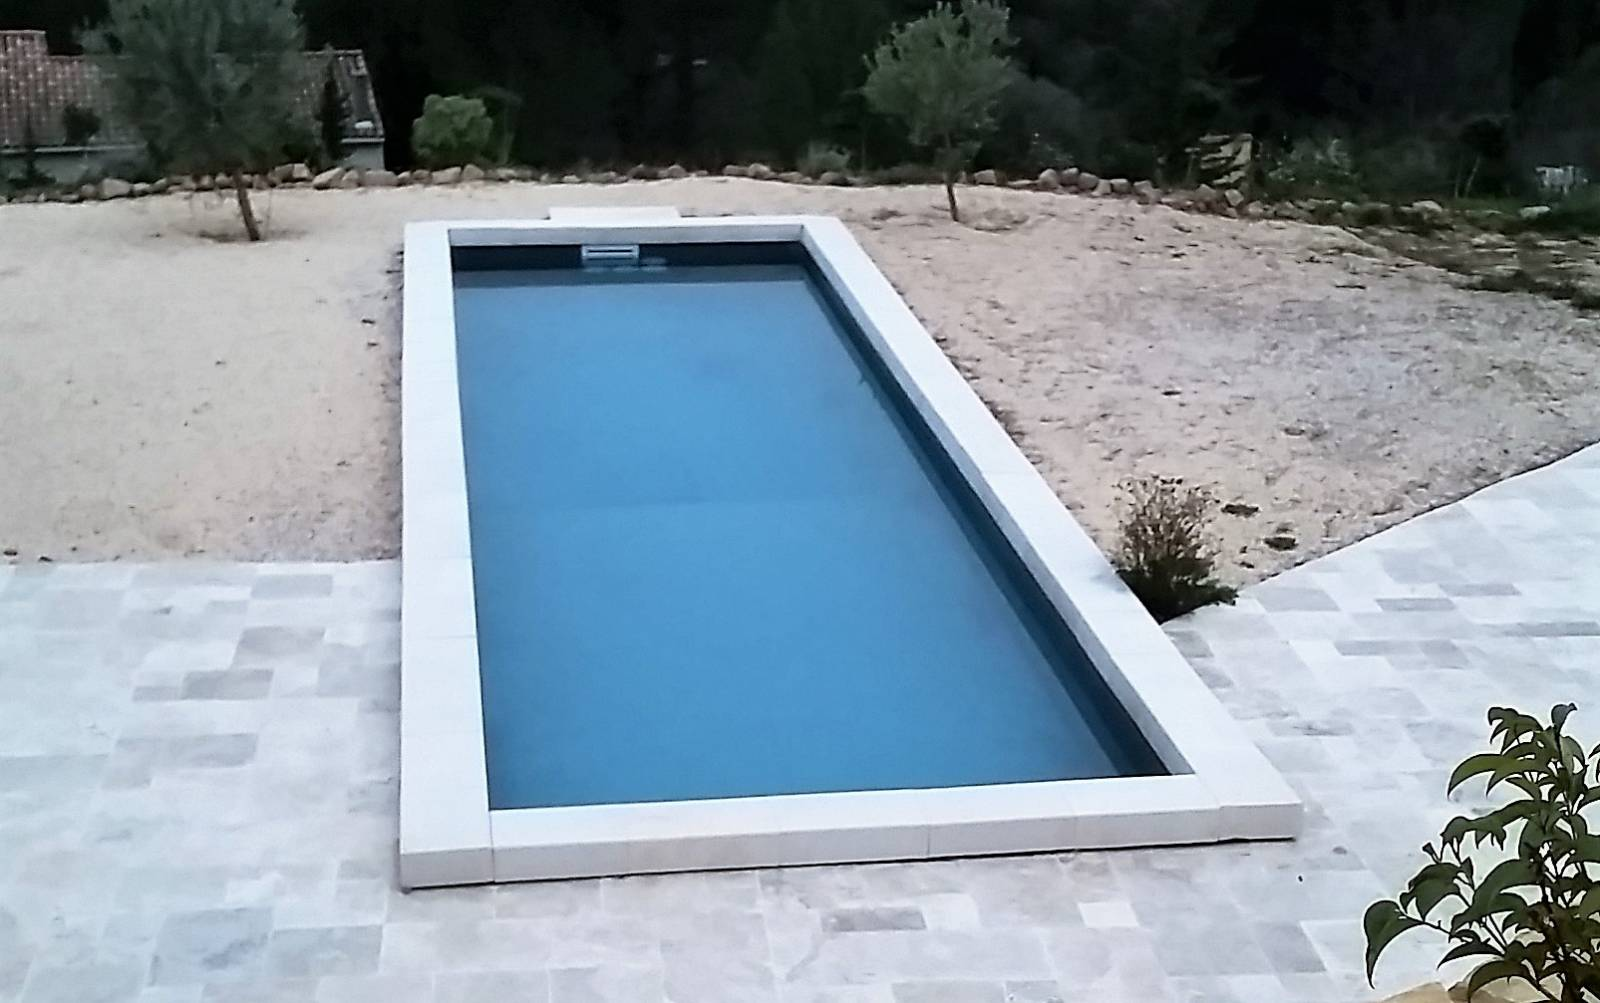 couloir de nage 15x3 m gris anthracite pour piscine jce piscines. Black Bedroom Furniture Sets. Home Design Ideas